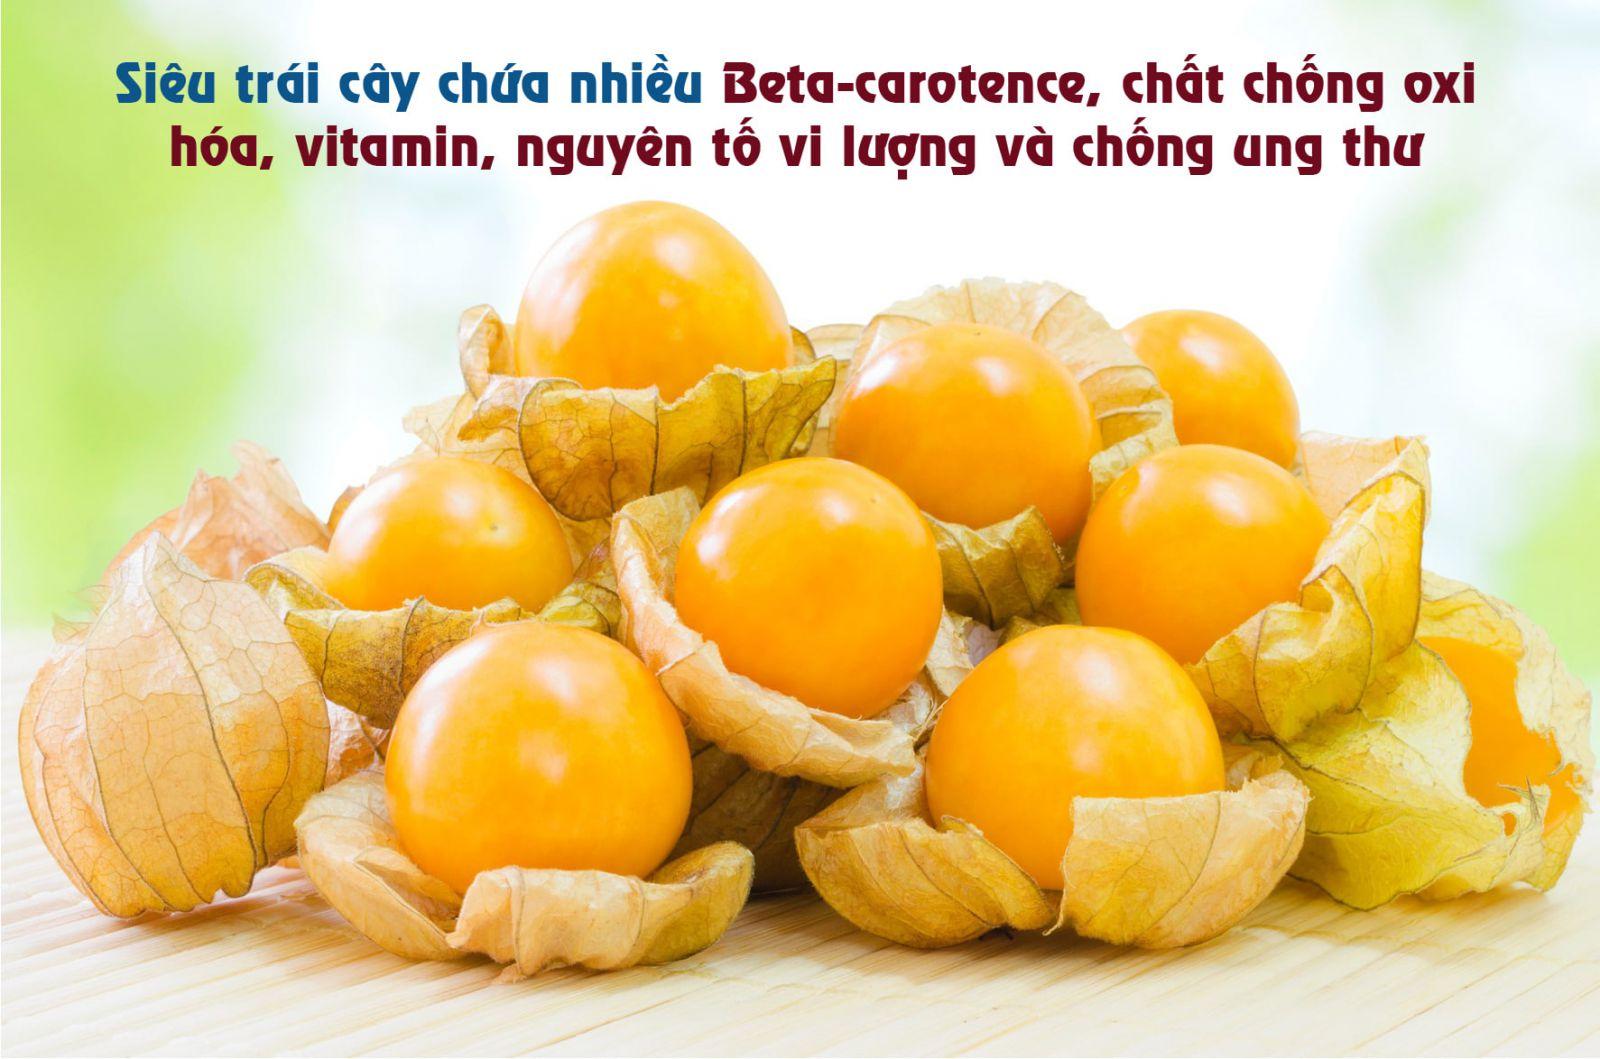 Trái Tầm Bóp Nam Mỹ được coi là Siêu Trái Cây chống được Ung Thư - MP Fruits